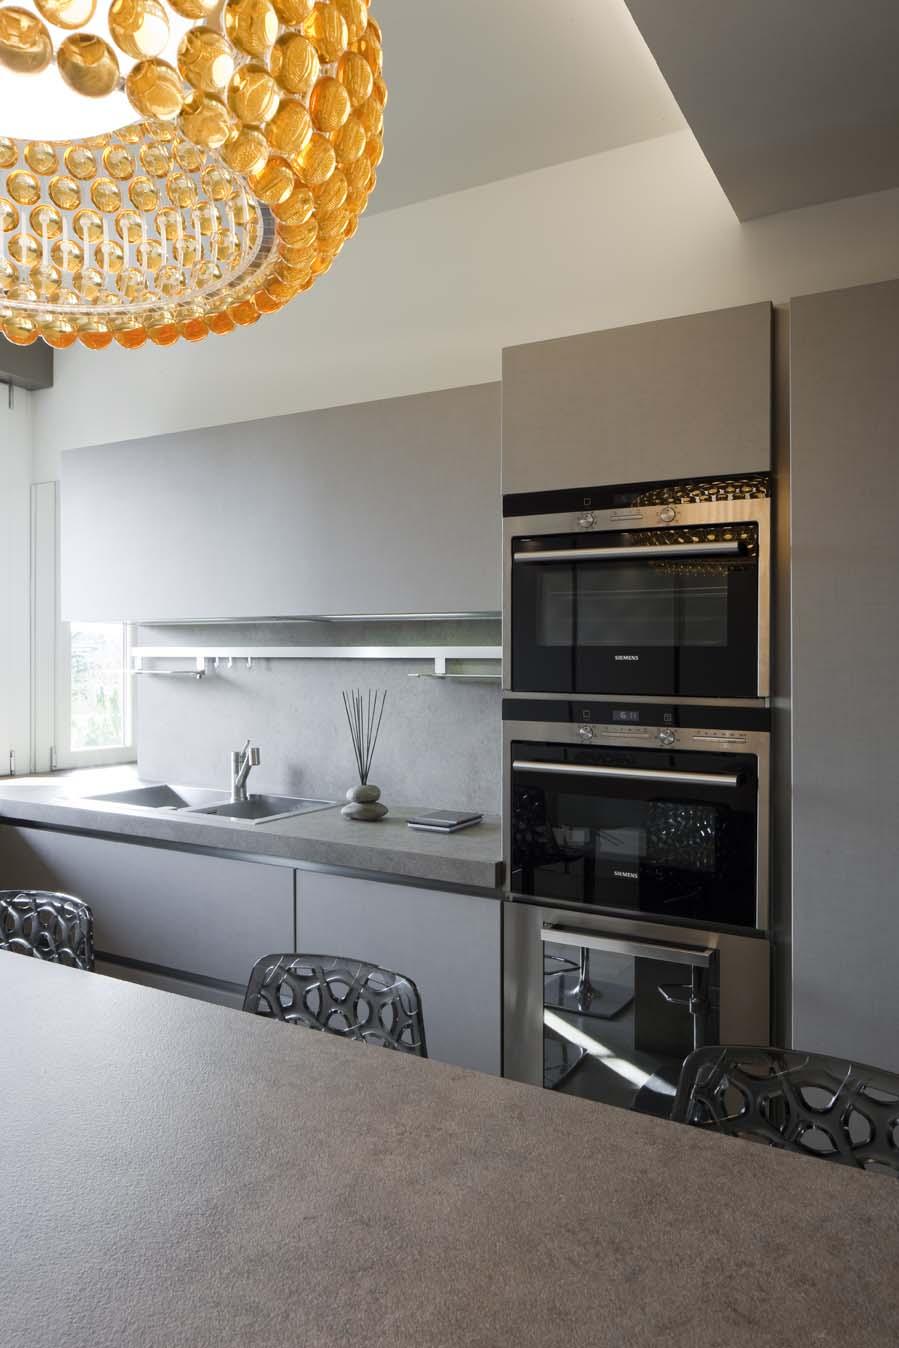 Proyectos cocinas valencia proyecto cocina moderna for Proyectos de cocina